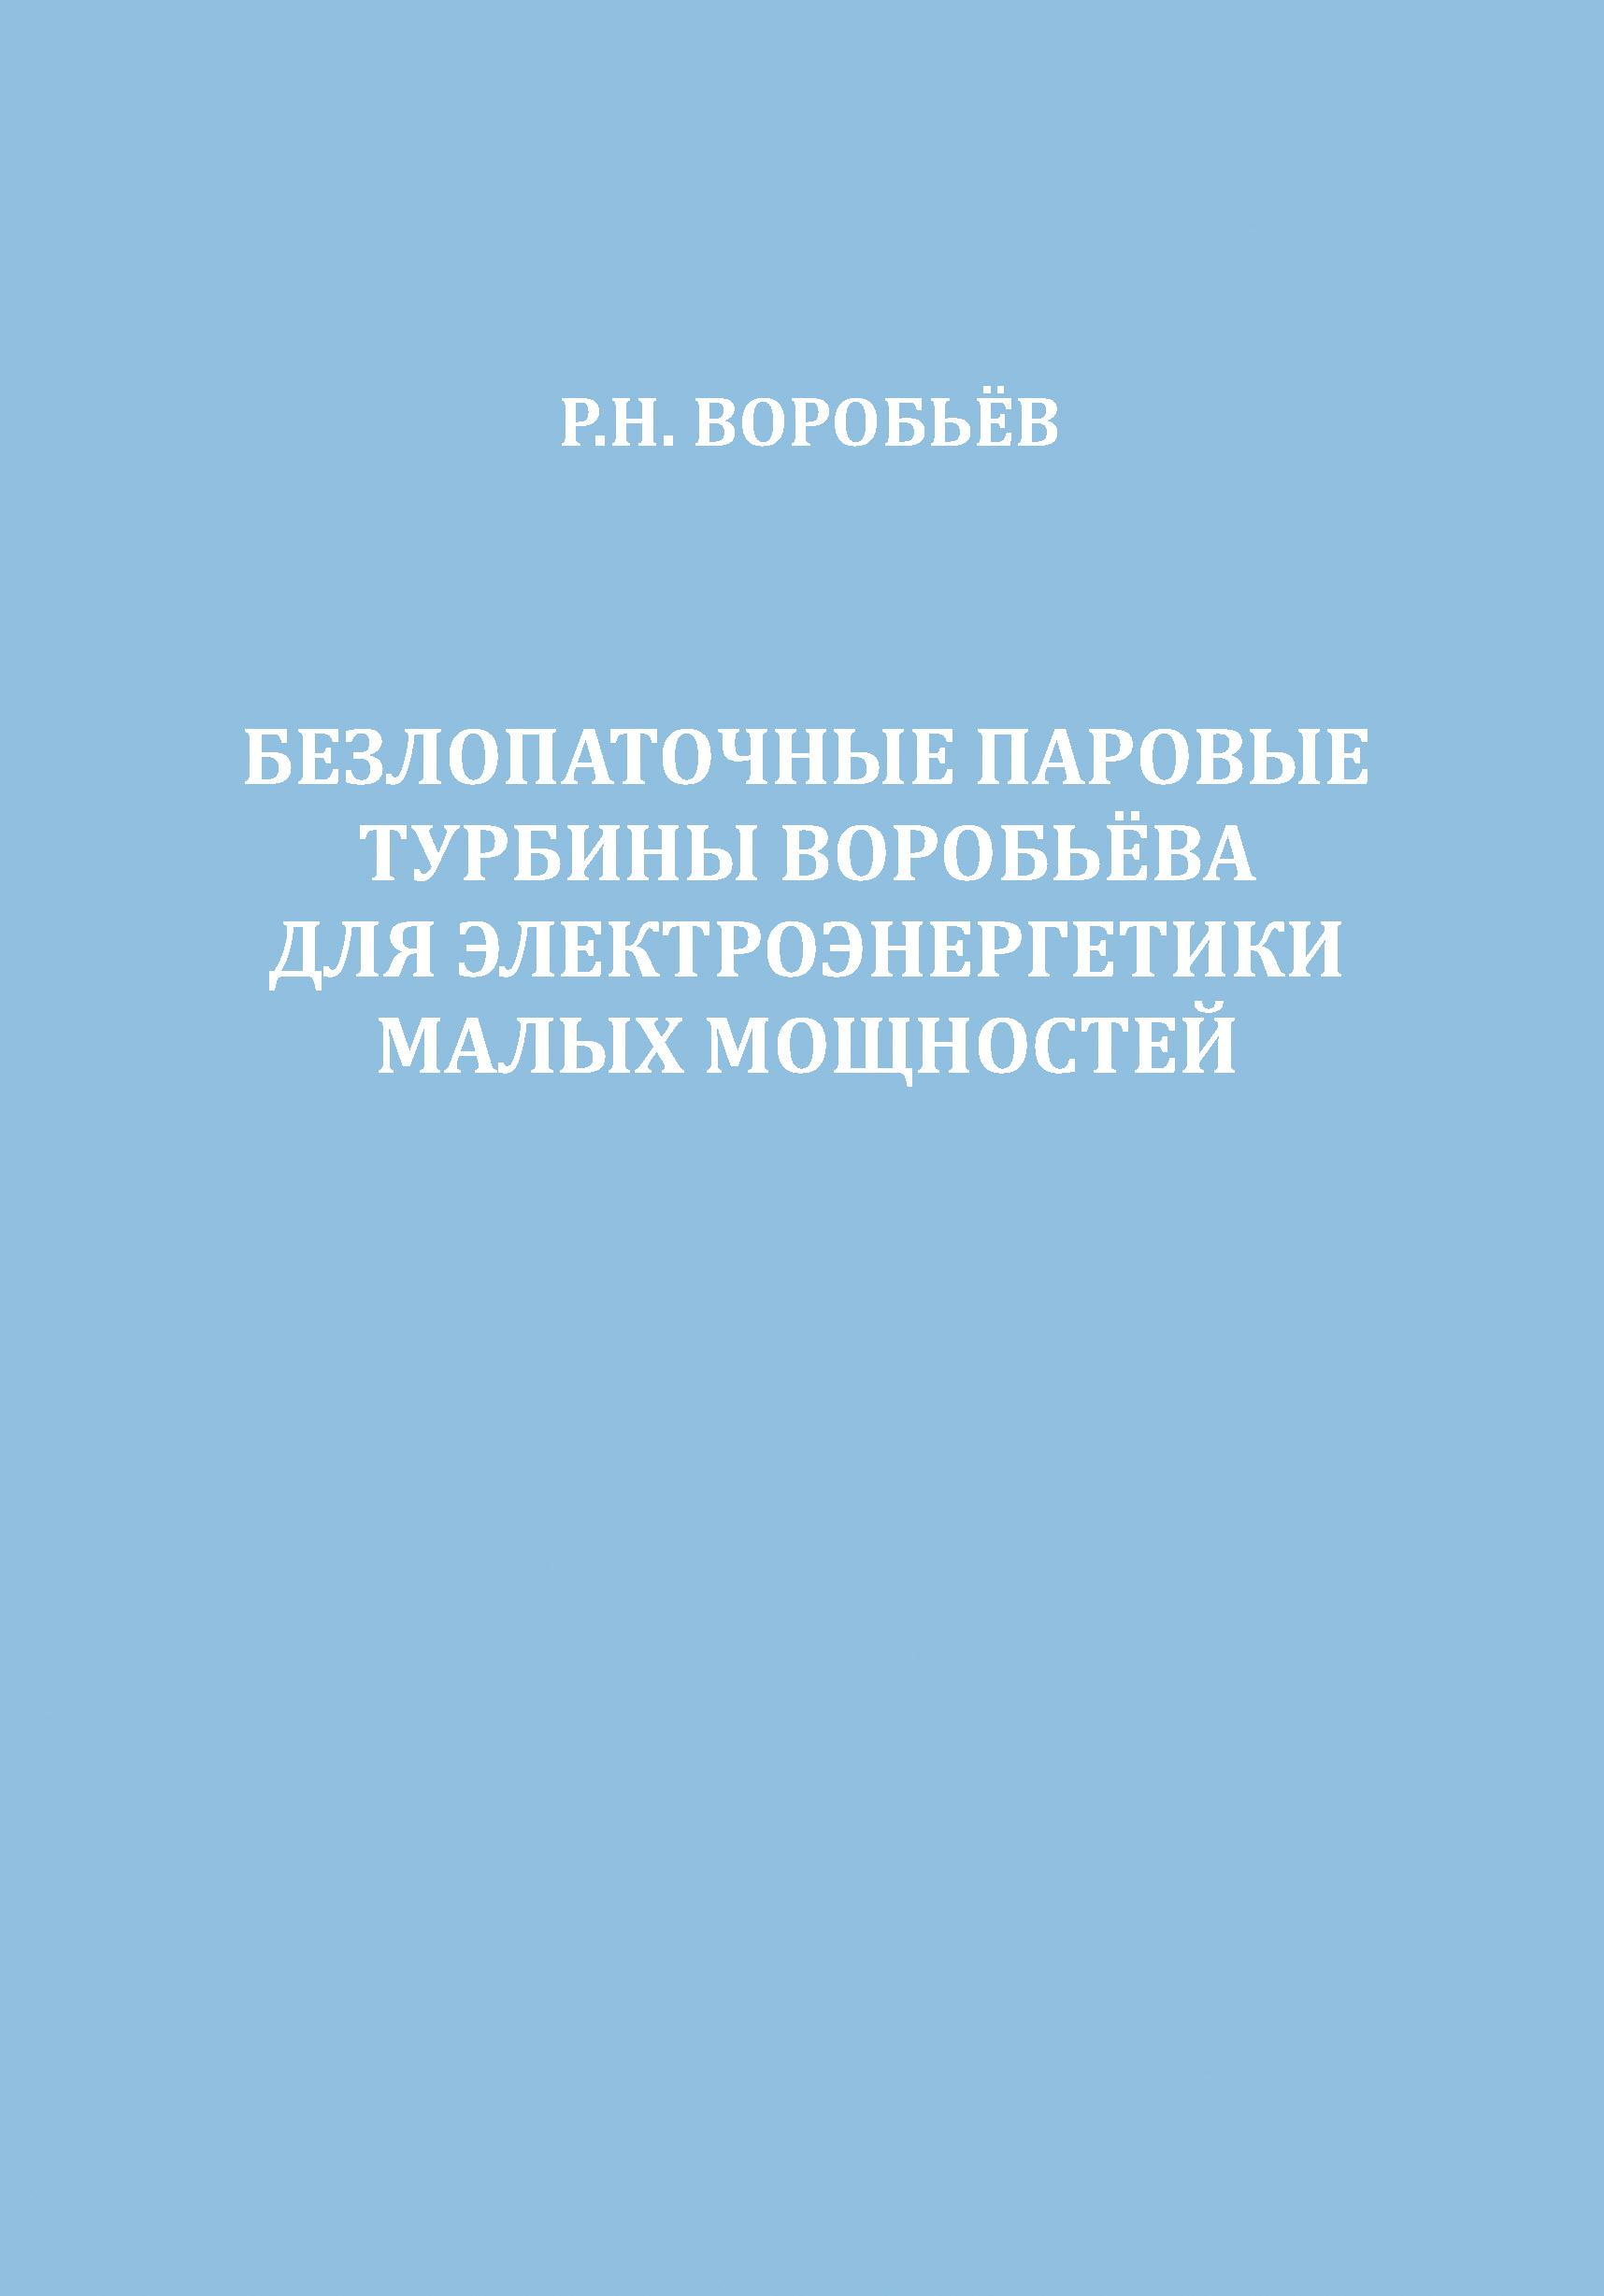 Р. Н. Воробьев Безлопаточные паровые турбины Воробьева для электроэнергетики малых мощностей